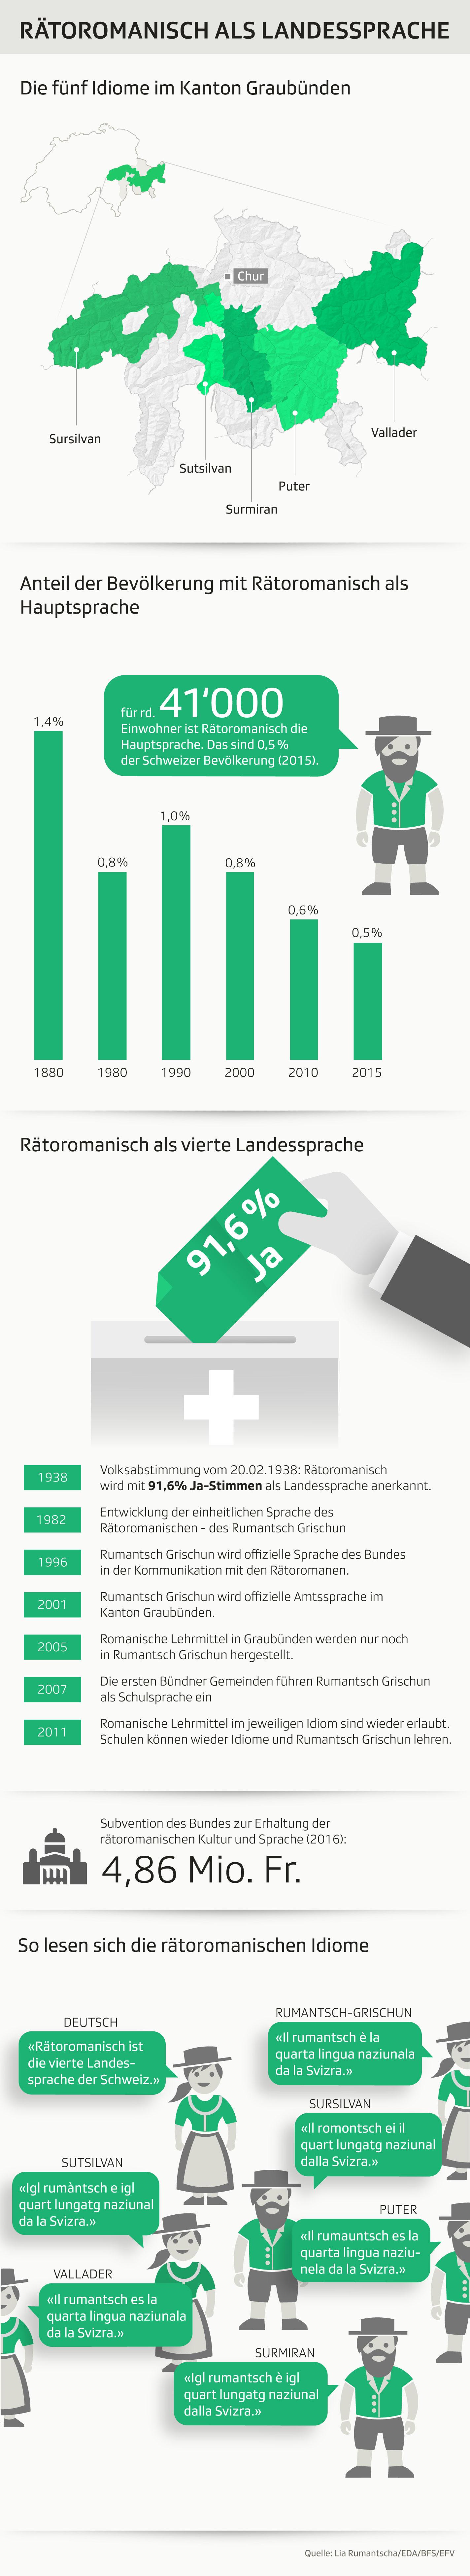 Grafik zeigt Fakten zum Sprachraum des Rätoromanischen